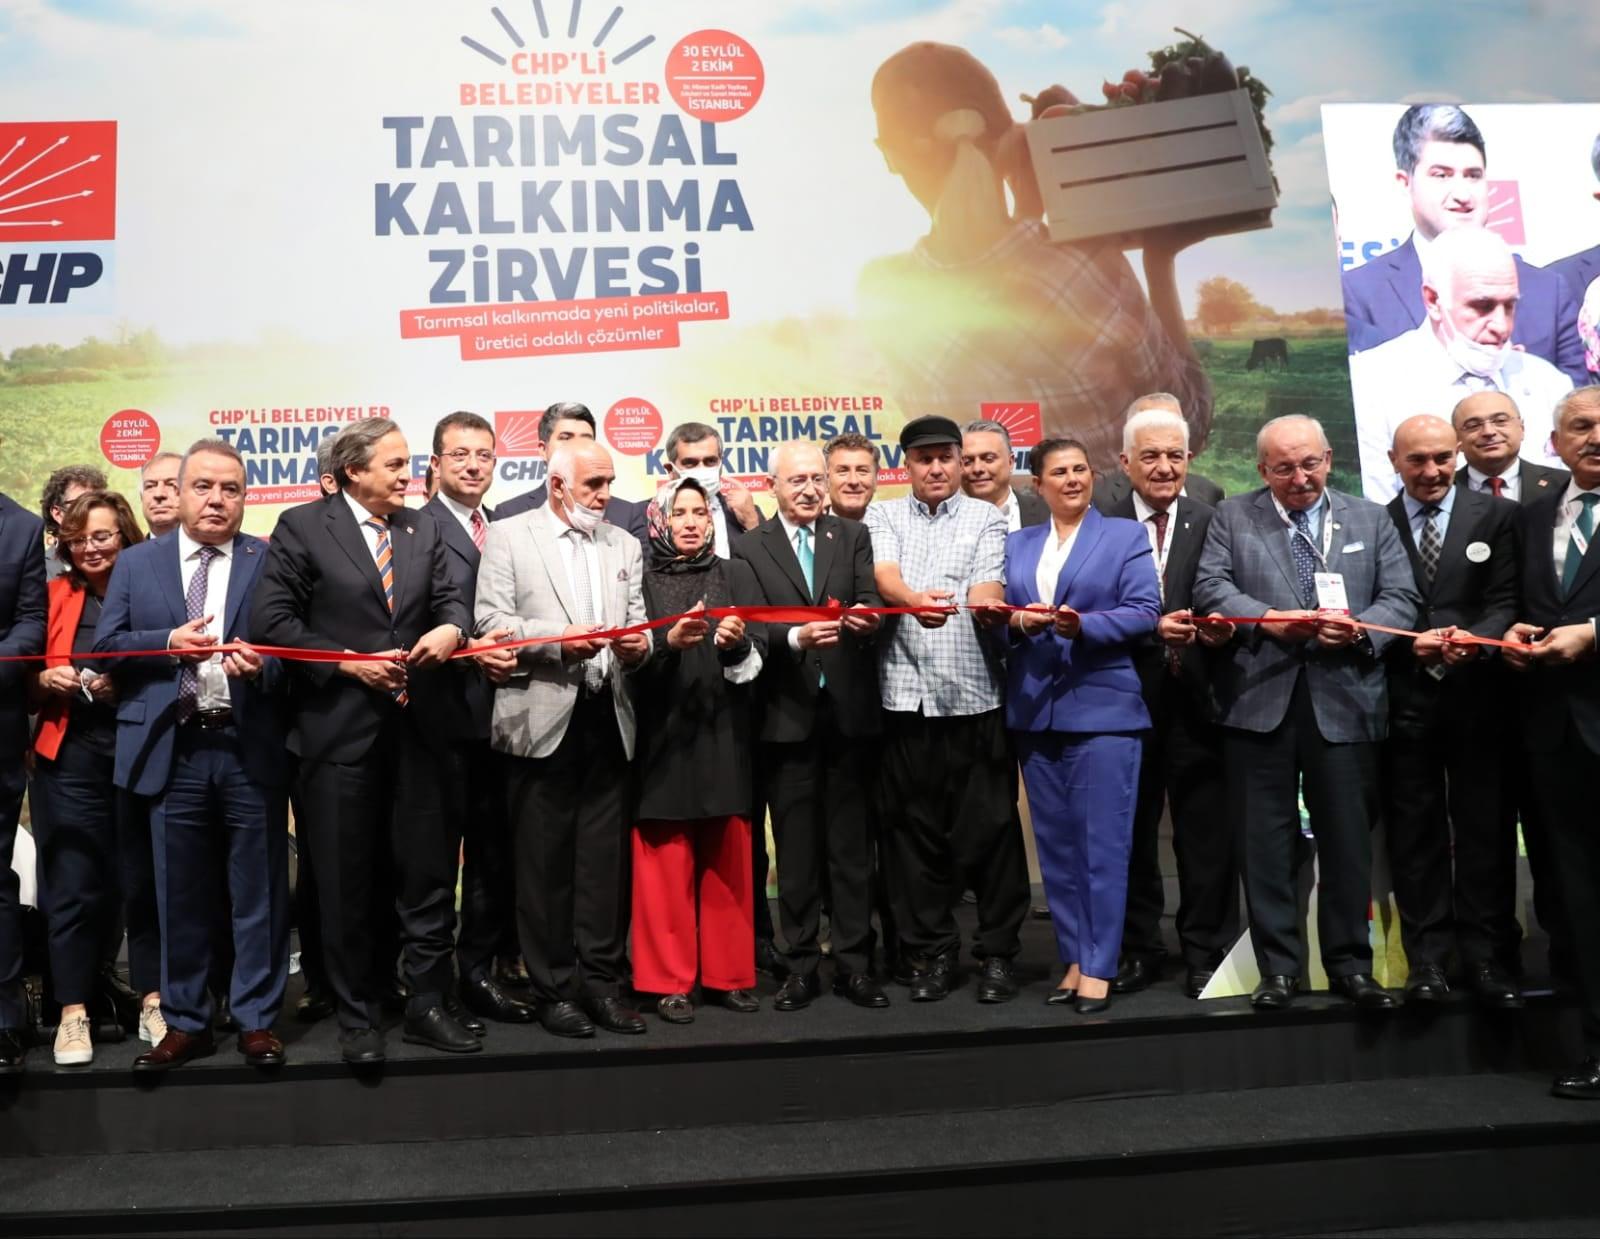 Tarımsal Kalkınma Zirvesi İstanbul'da başladı...